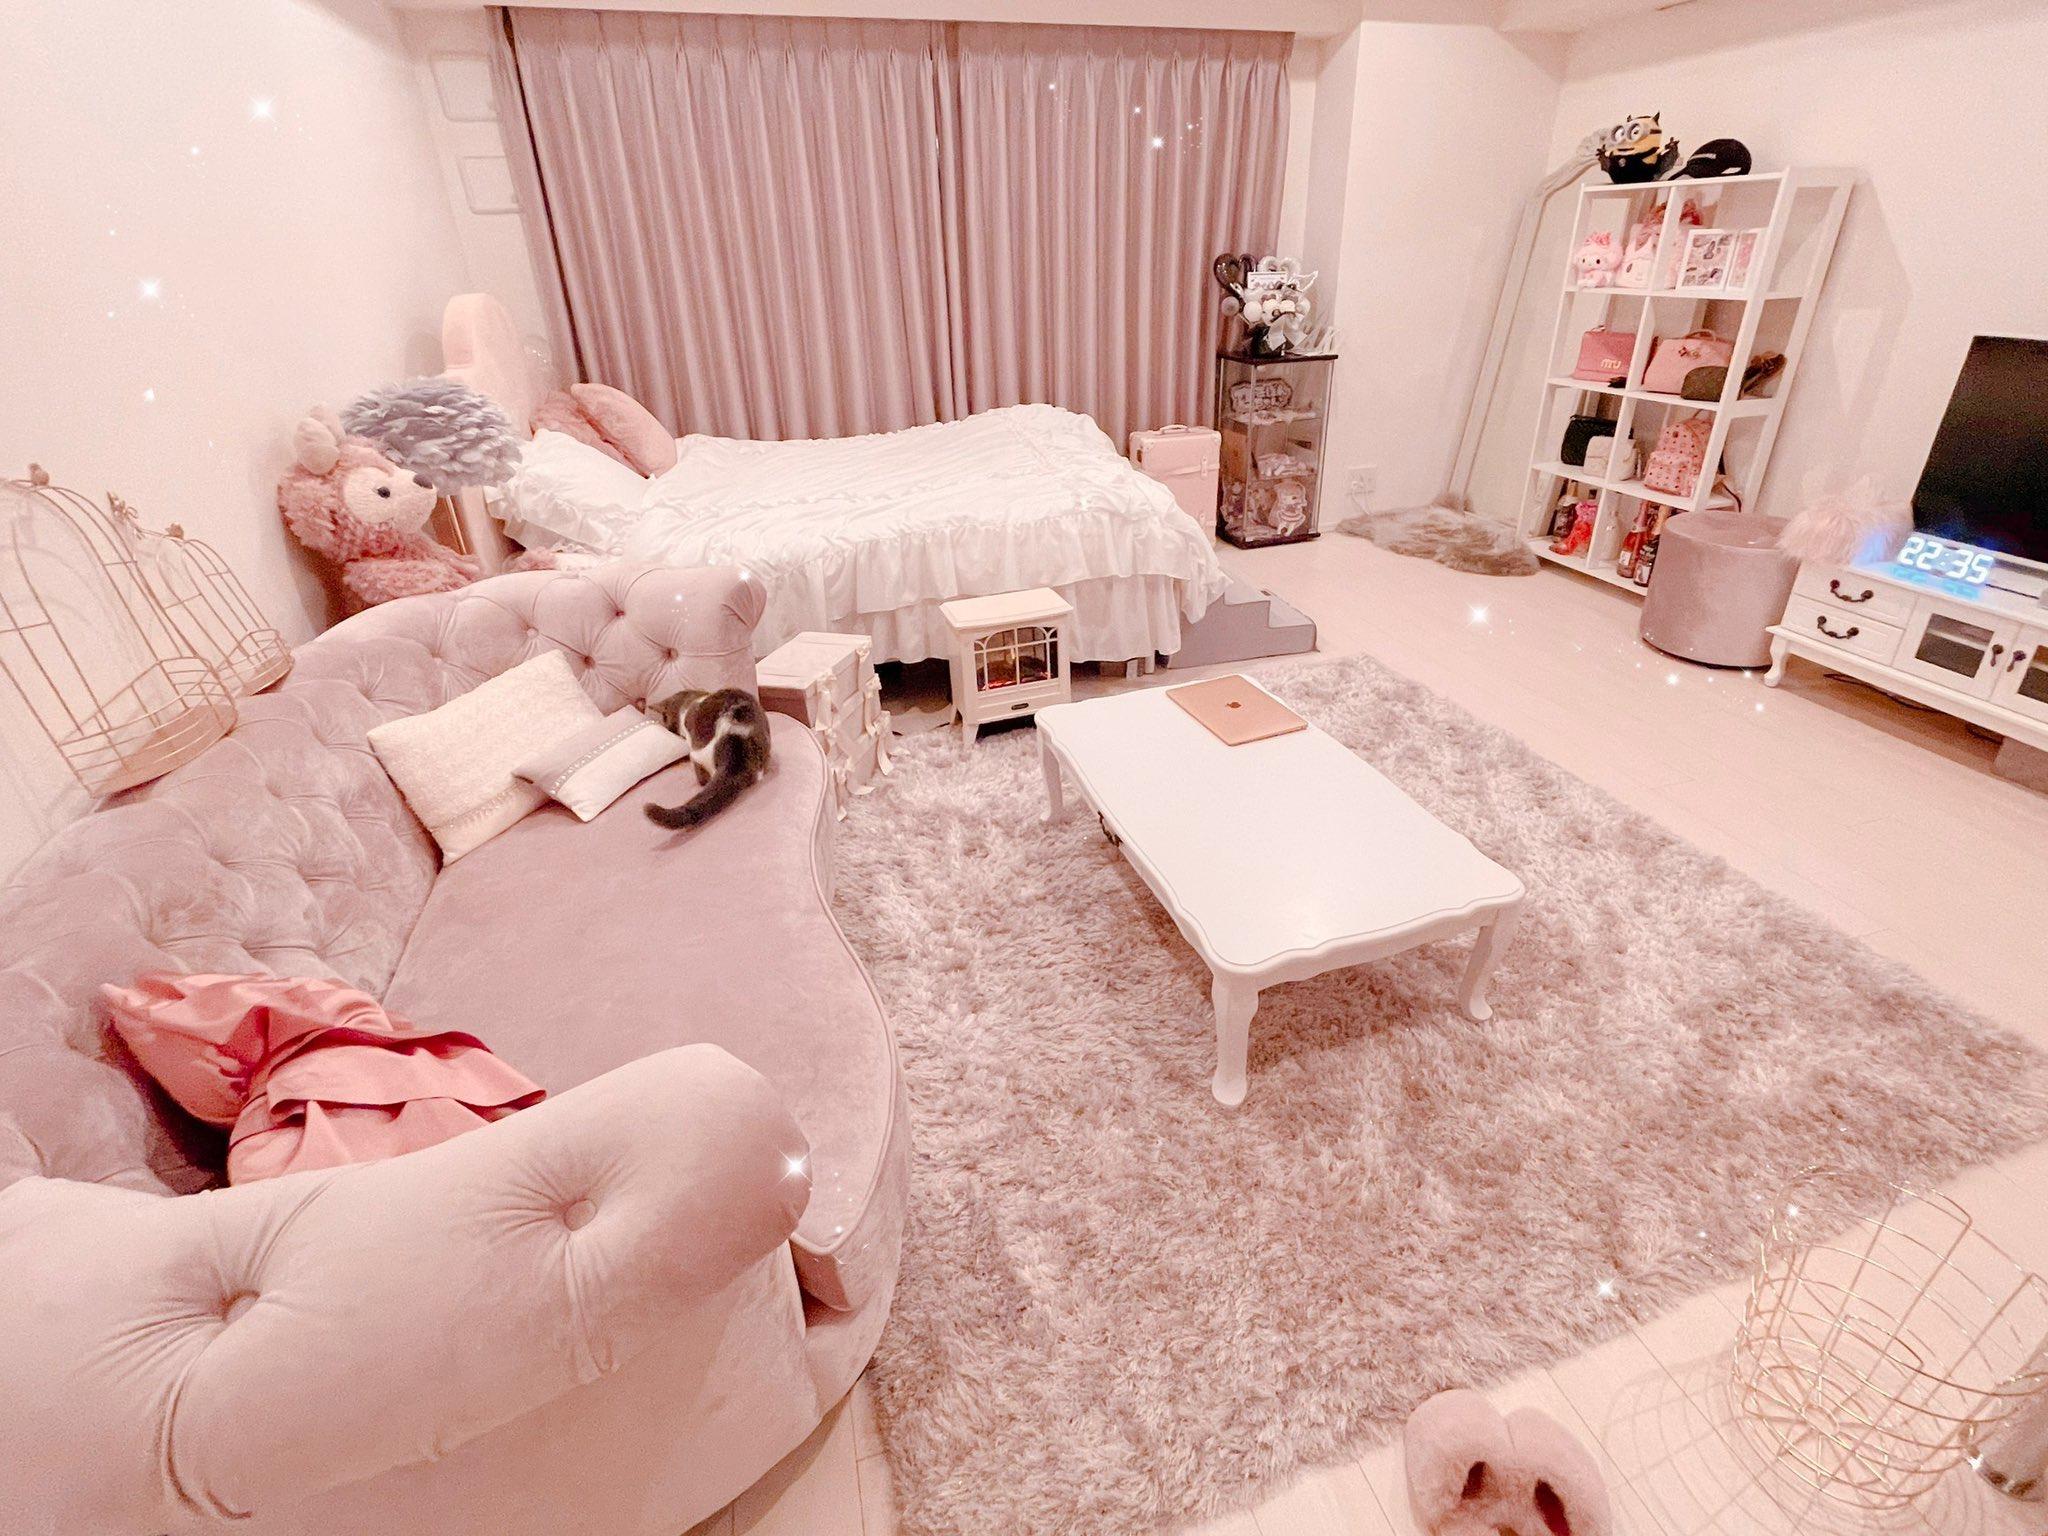 【画像】お前ら好きな子の家に上がって部屋がこんな感じだったらどうすりゅ?ww